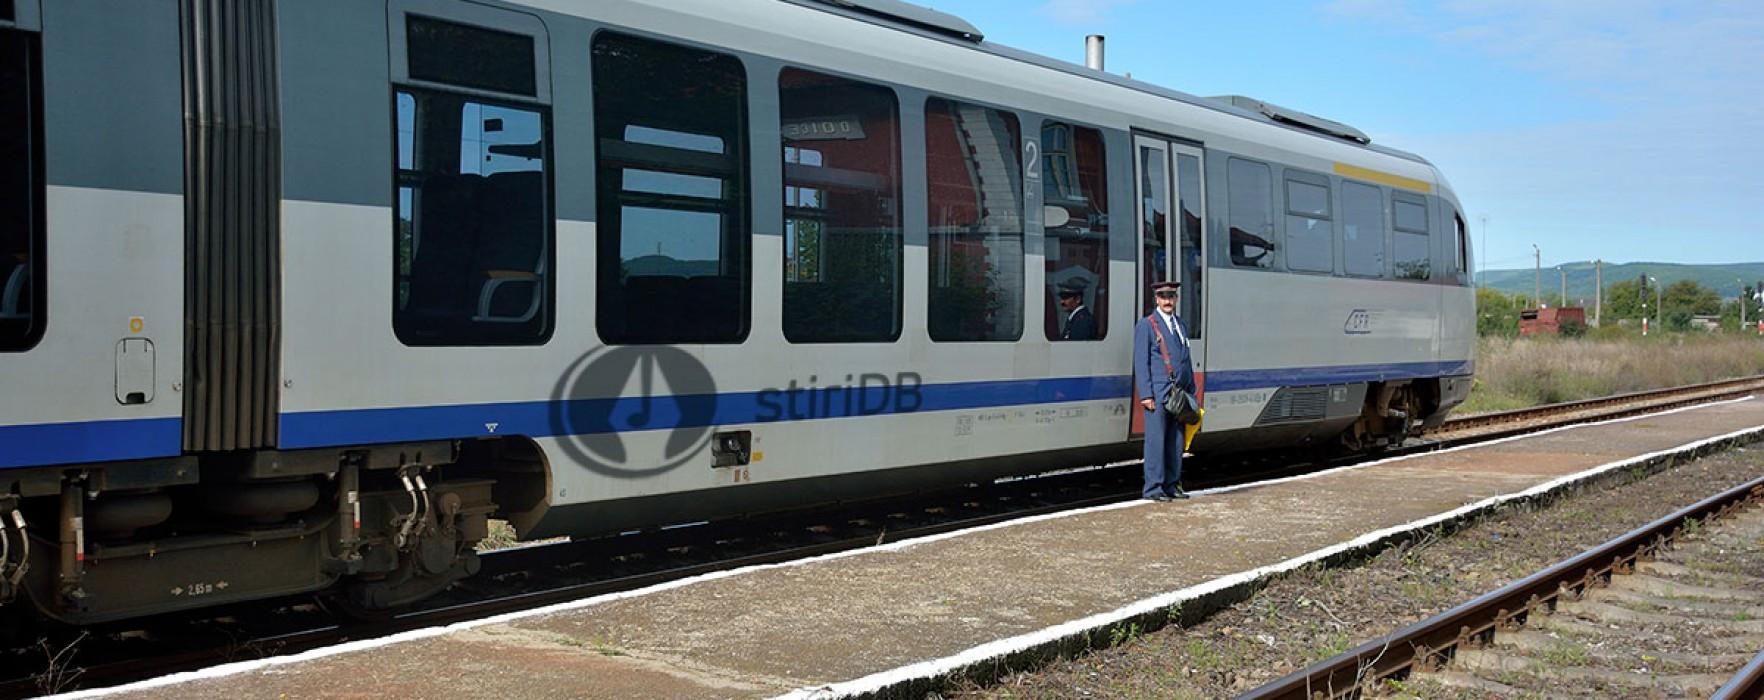 Dâmboviţa: Incendiu la locomotiva unui tren în gara Târgovişte Sud; nu sunt persoane rănite